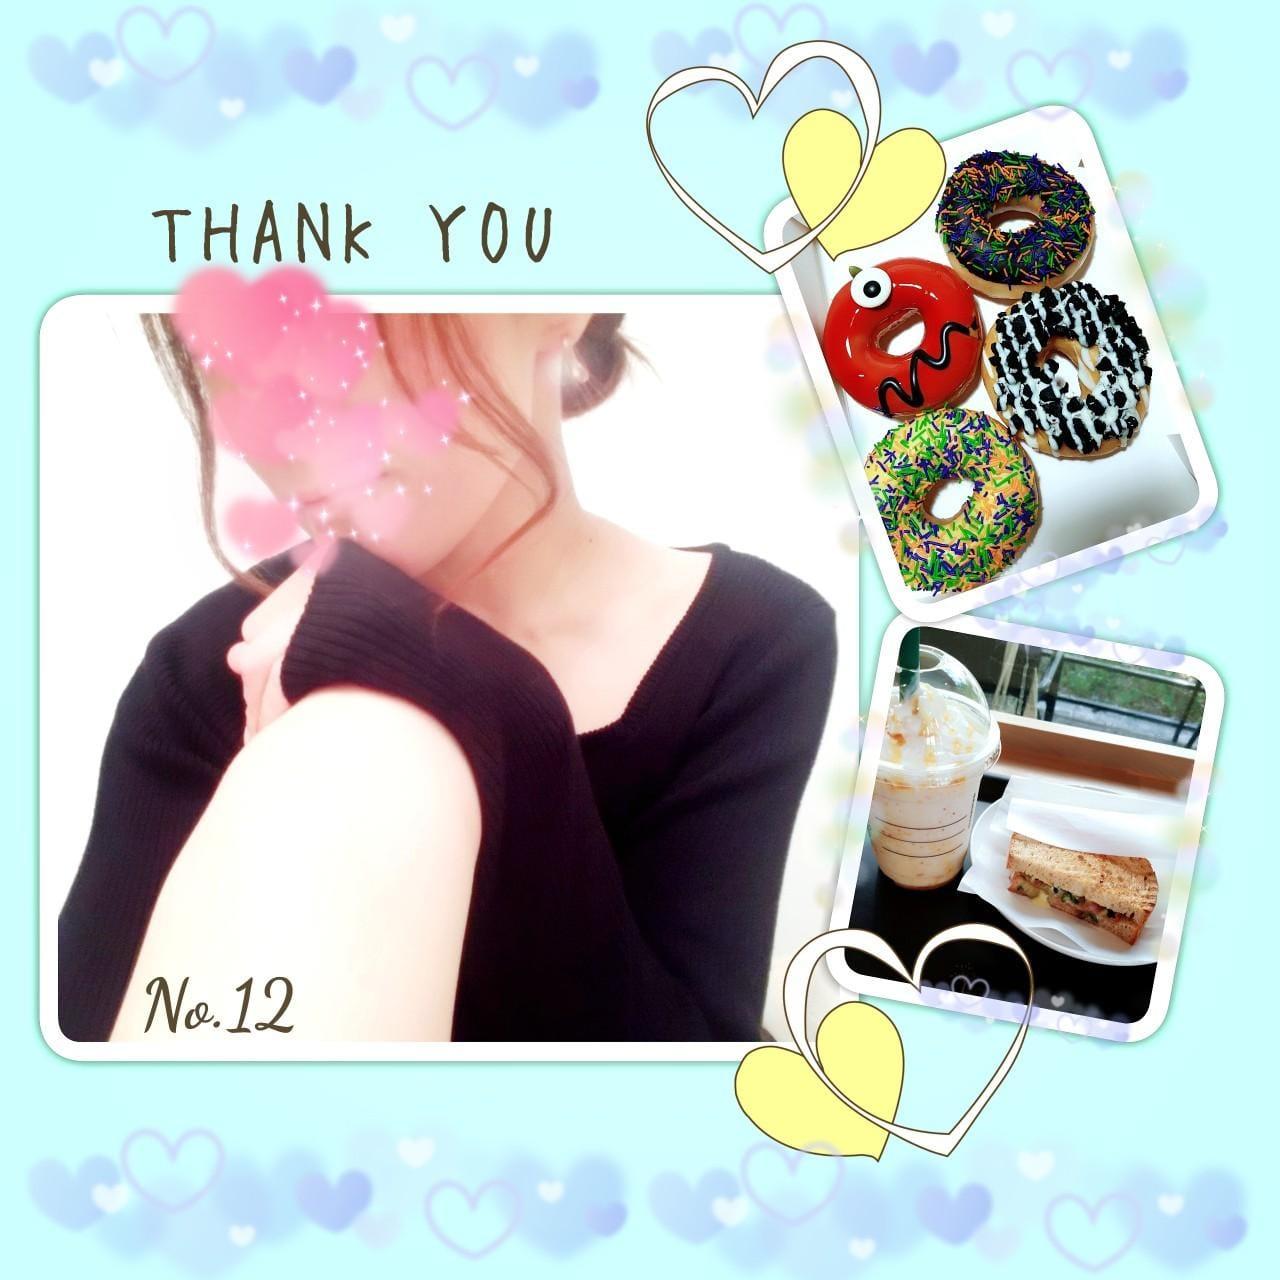 「おやすみなさい」09/27(金) 02:35   りこの写メ・風俗動画